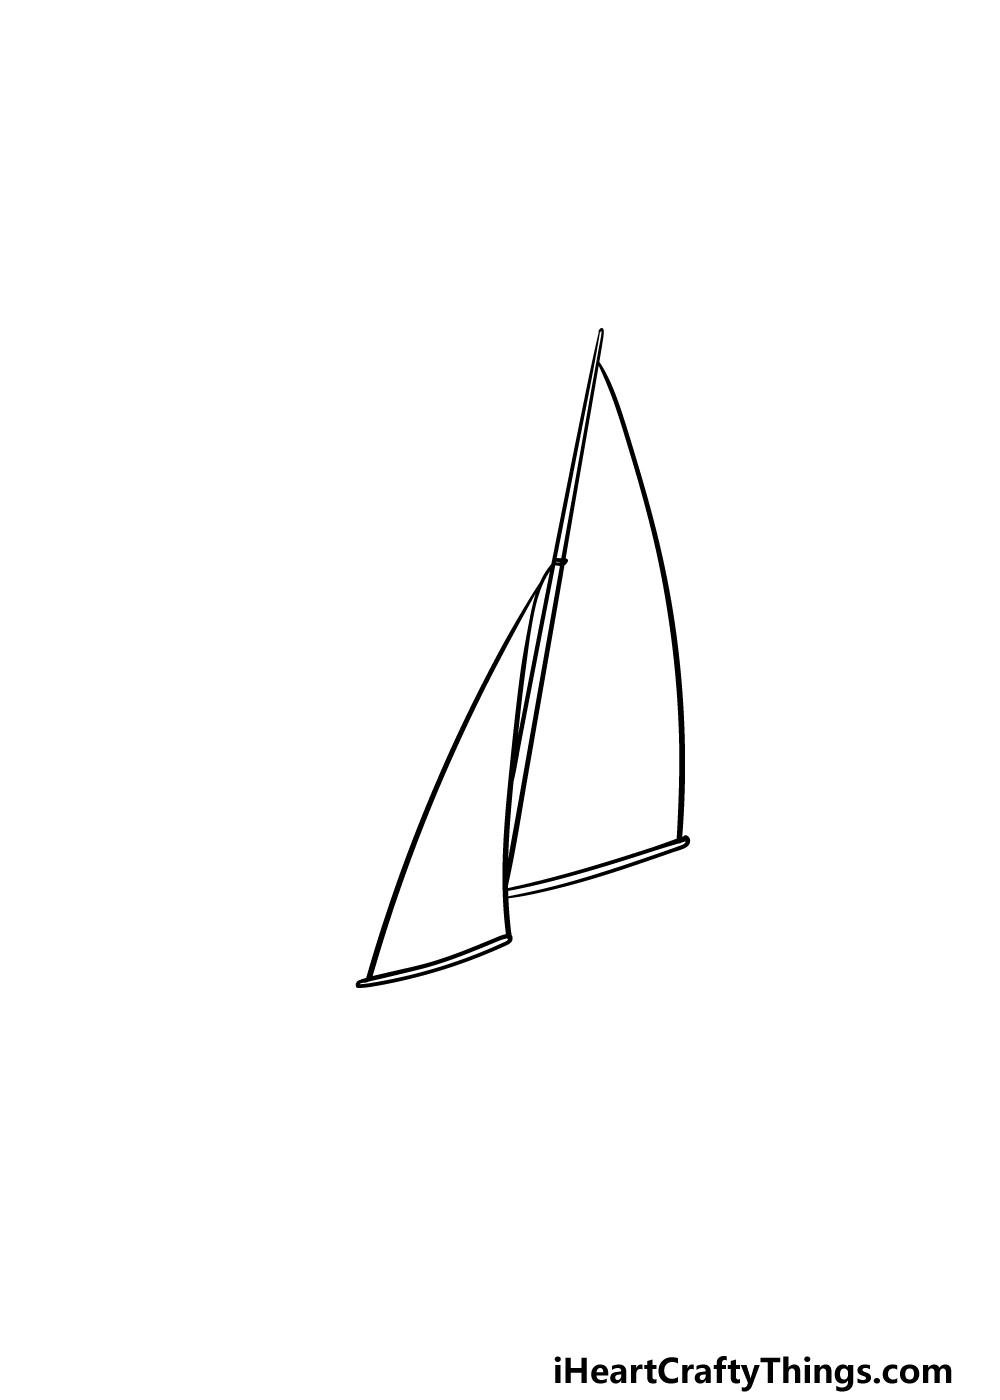 drawing a sailboat step 2